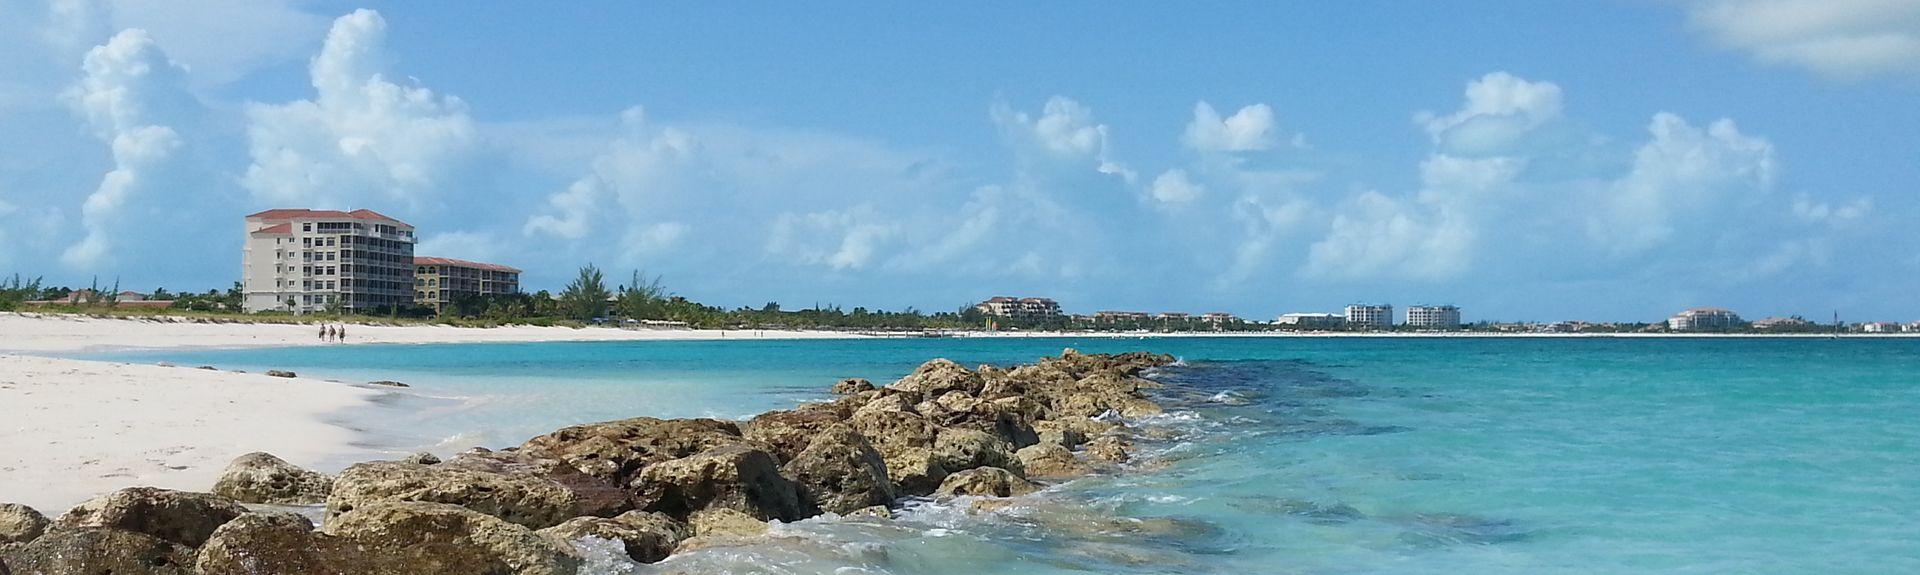 Norte de Caicos, Turcos e Caicos